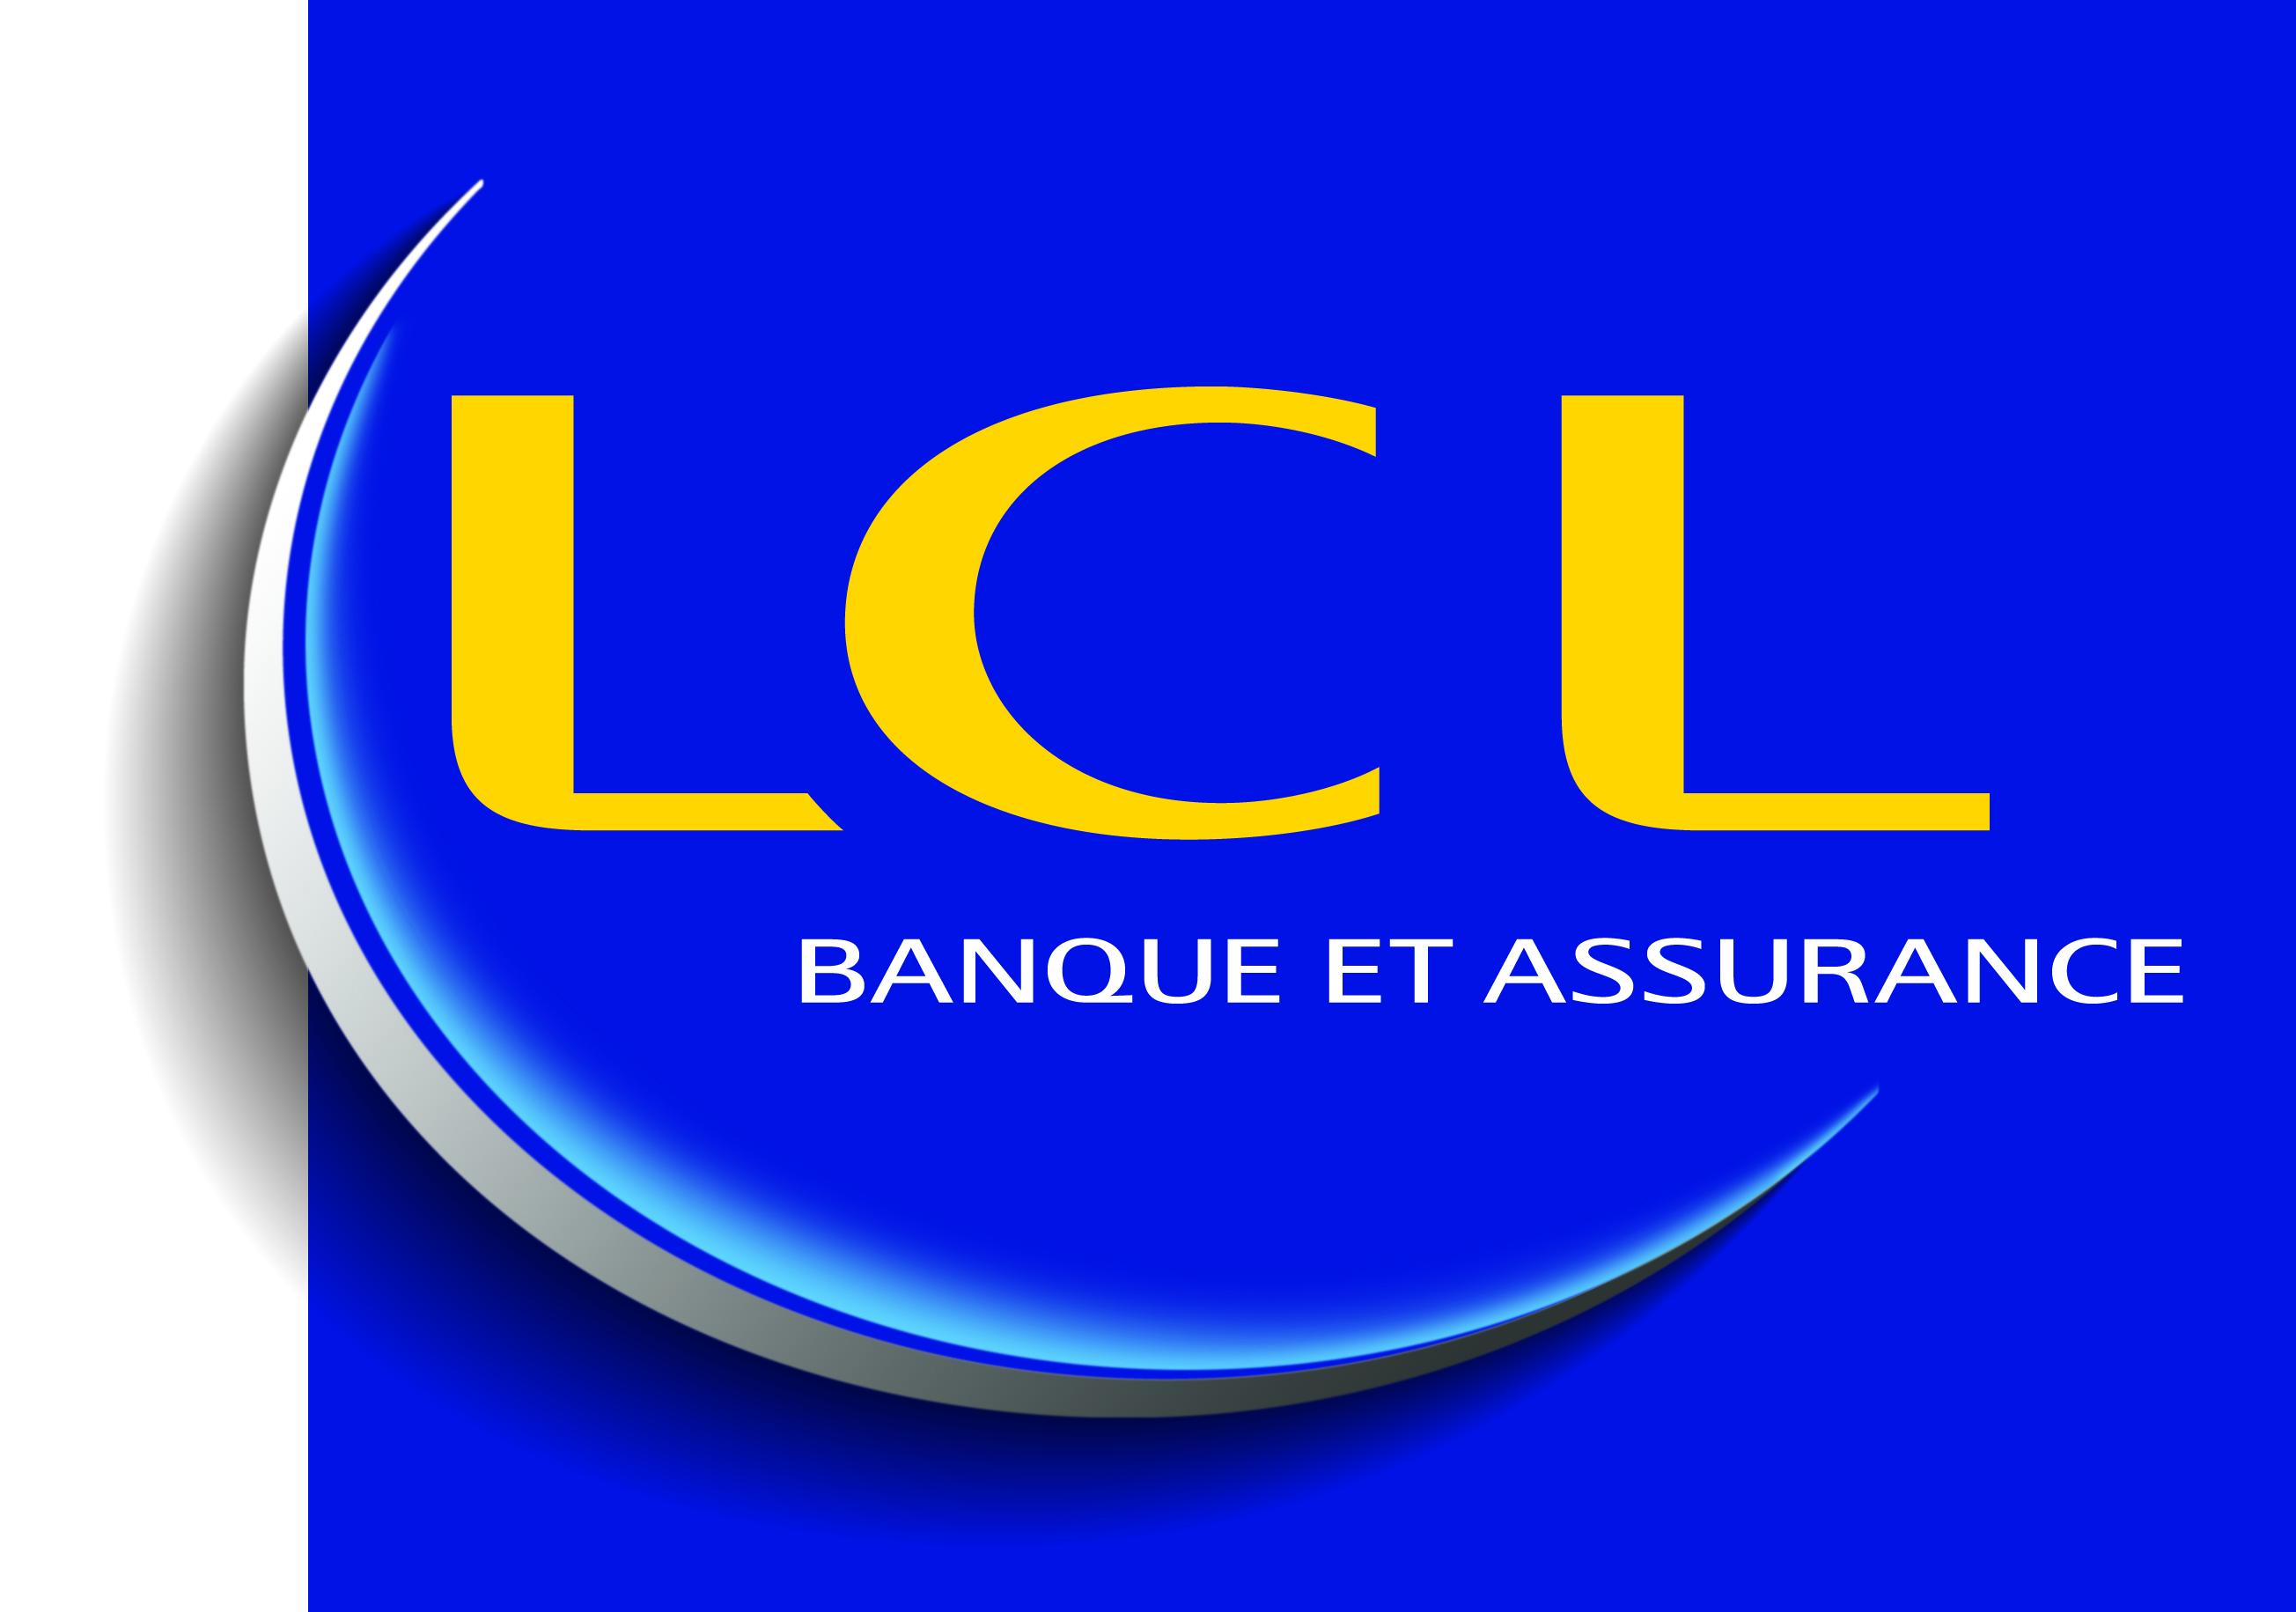 logo_lcl_2